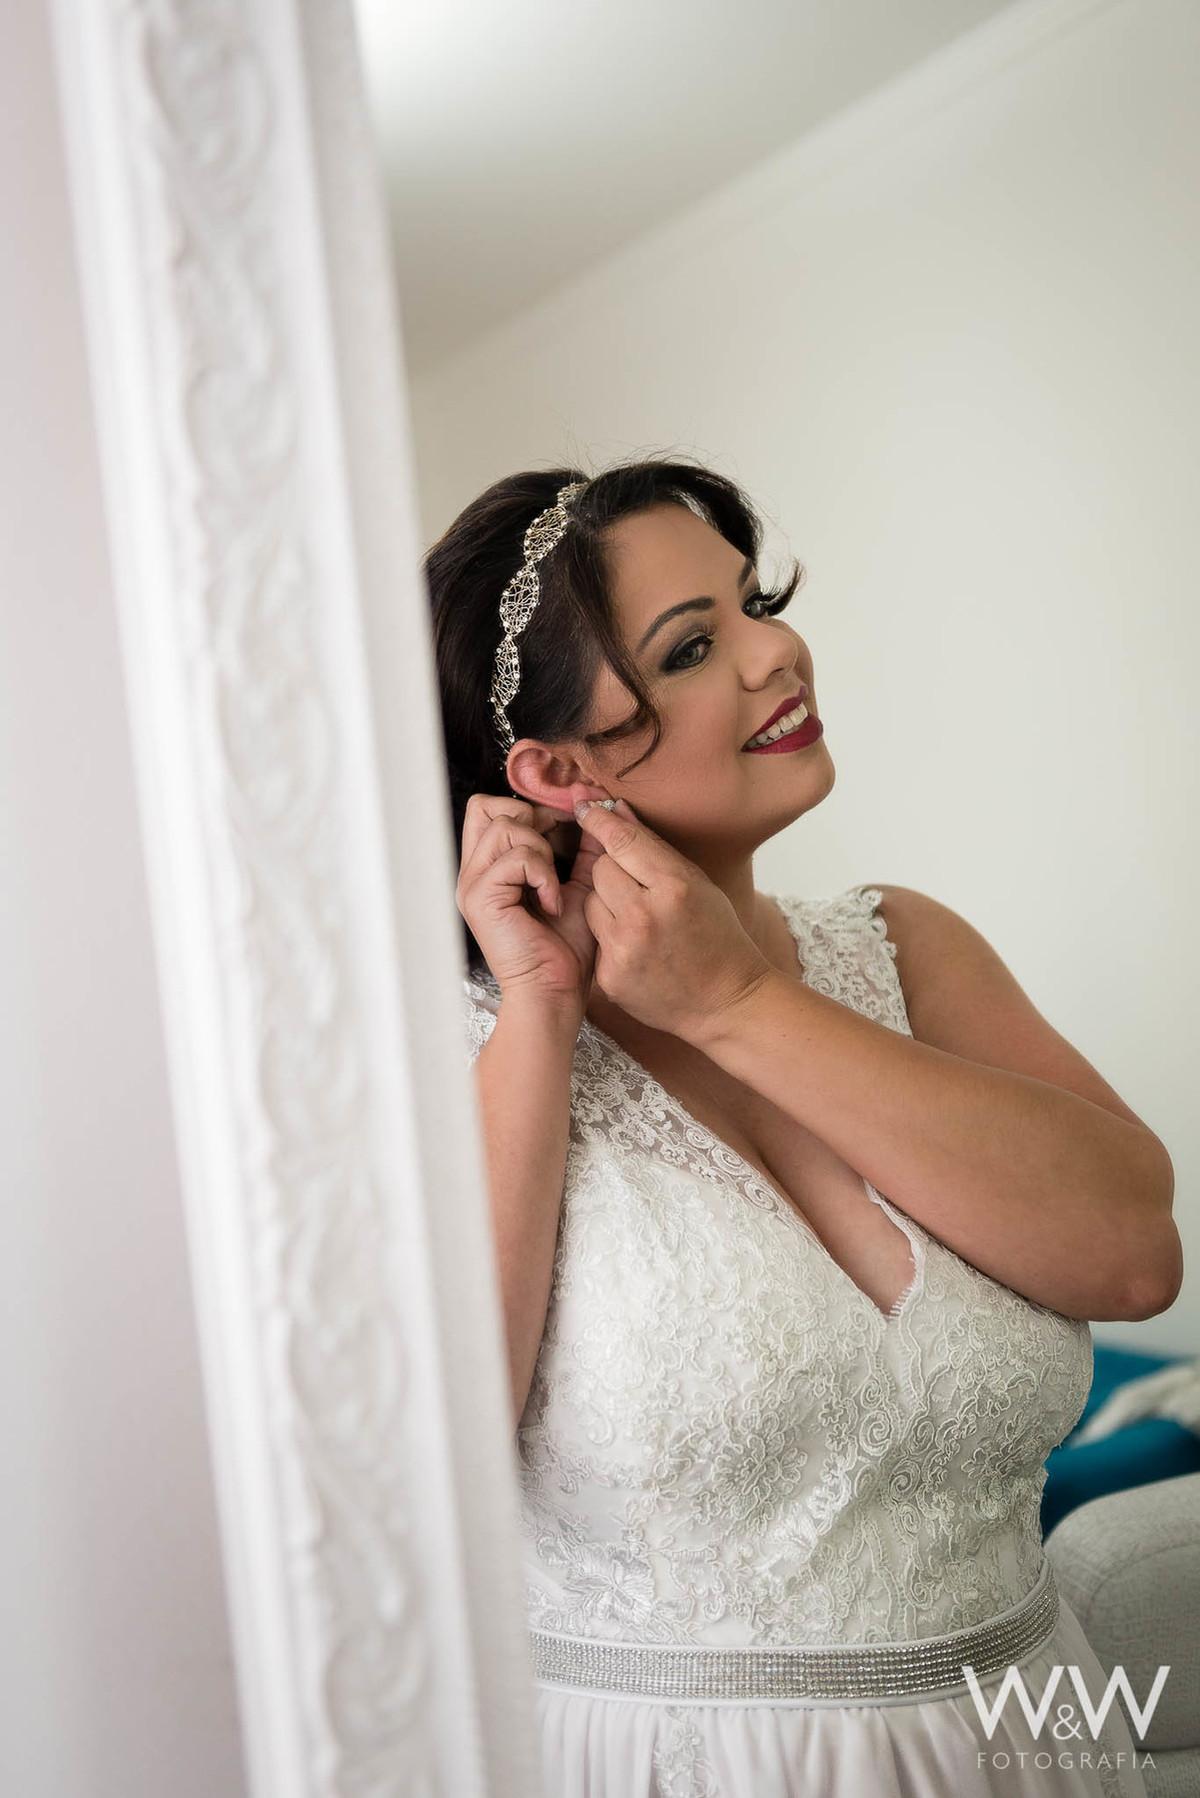 casamento são caetano do sul wew fotografia